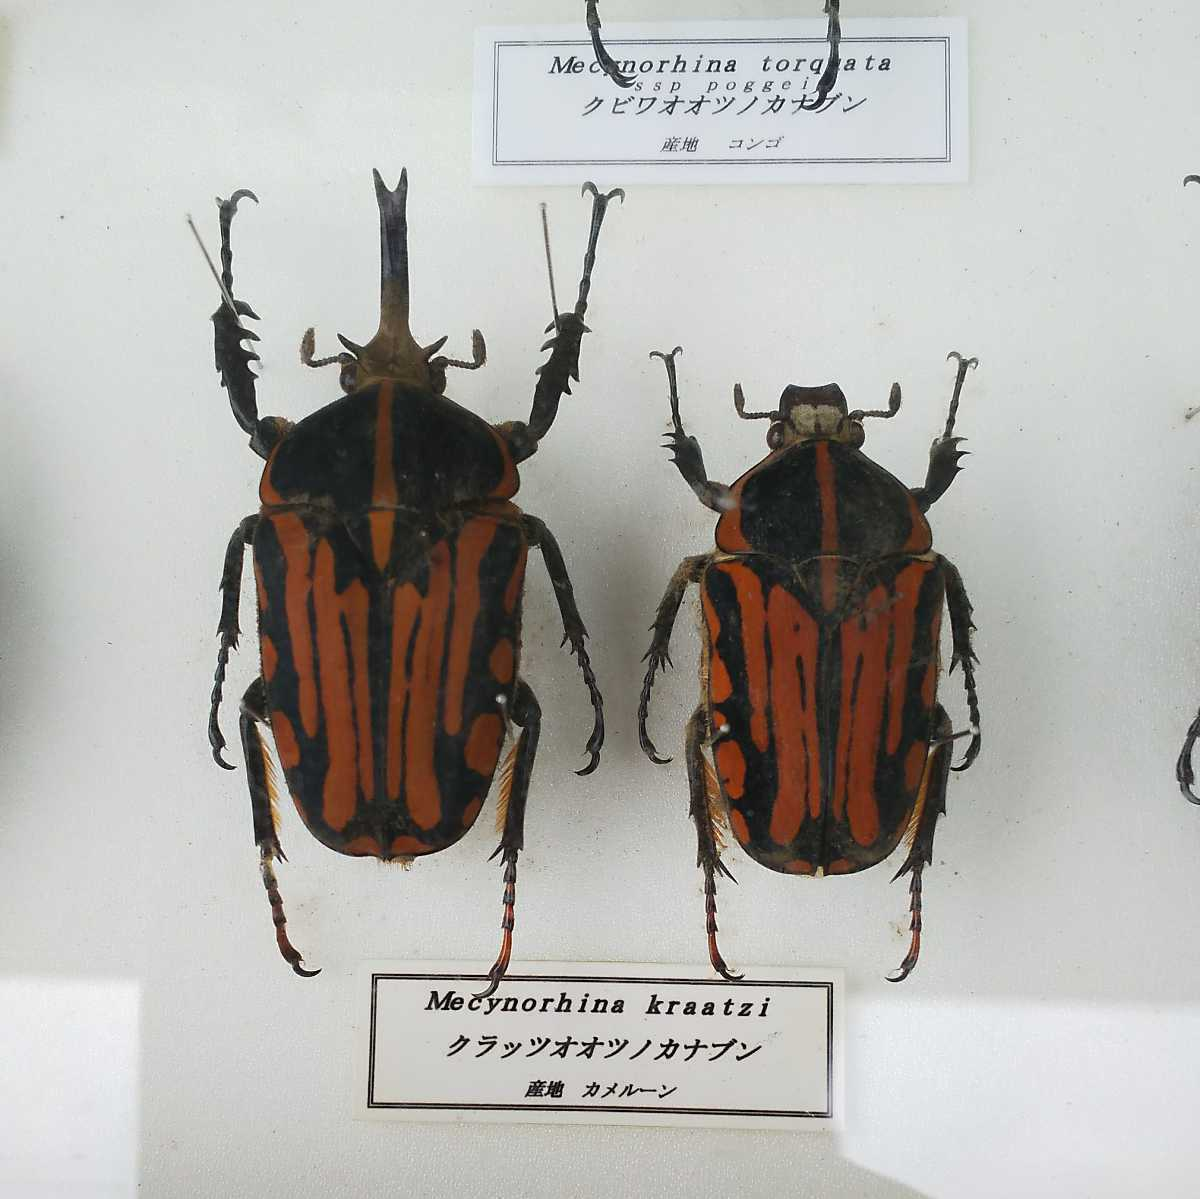 値段交渉OK 昆虫標本 カナブン No2 35頭 ドイツ箱_画像9